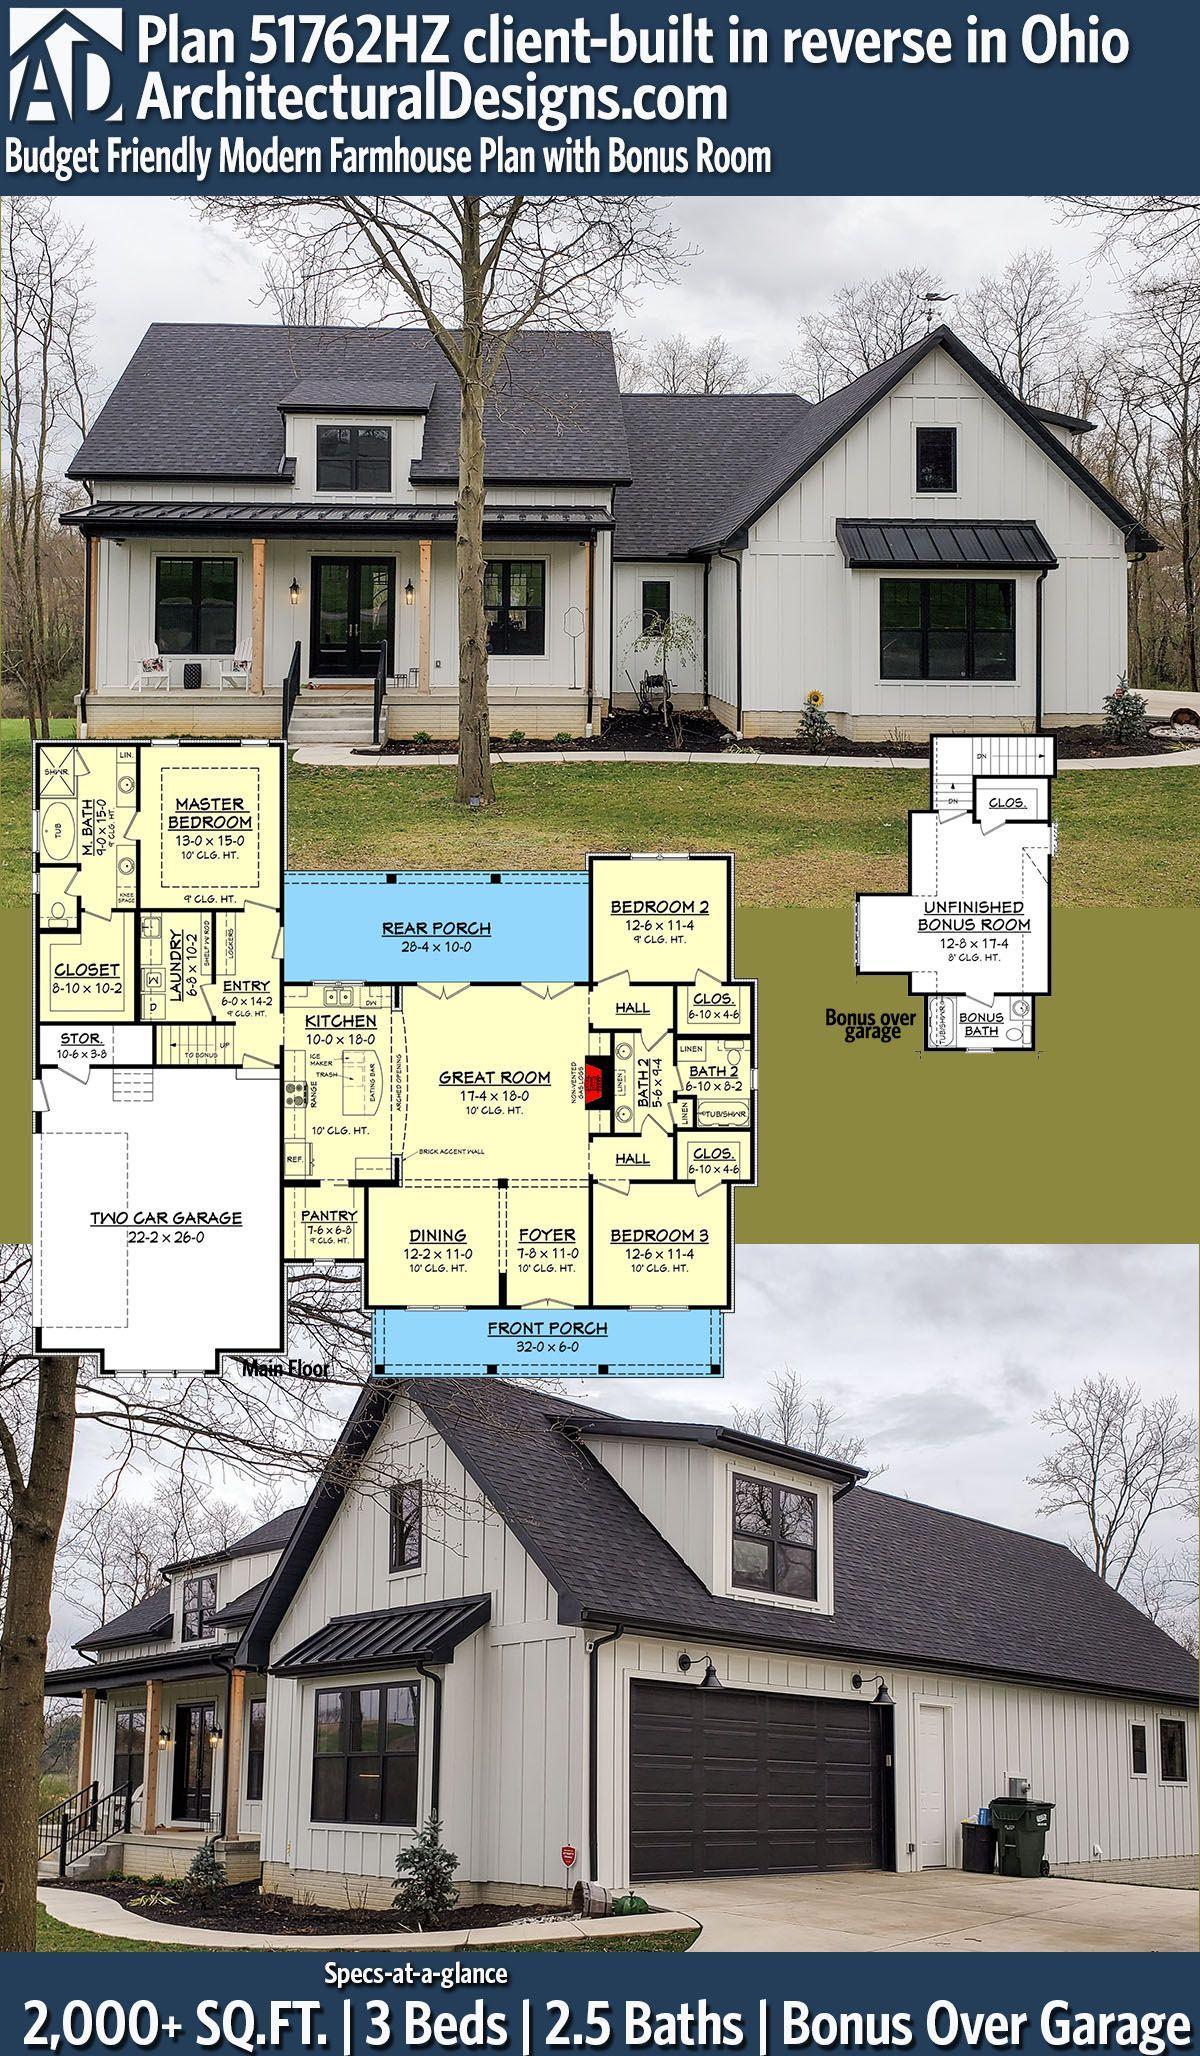 Plan 51762hz Budget Friendly Modern Farmhouse Plan With Bonus Room In 2020 Modern Farmhouse Plans Architectural Design House Plans House Plans Farmhouse